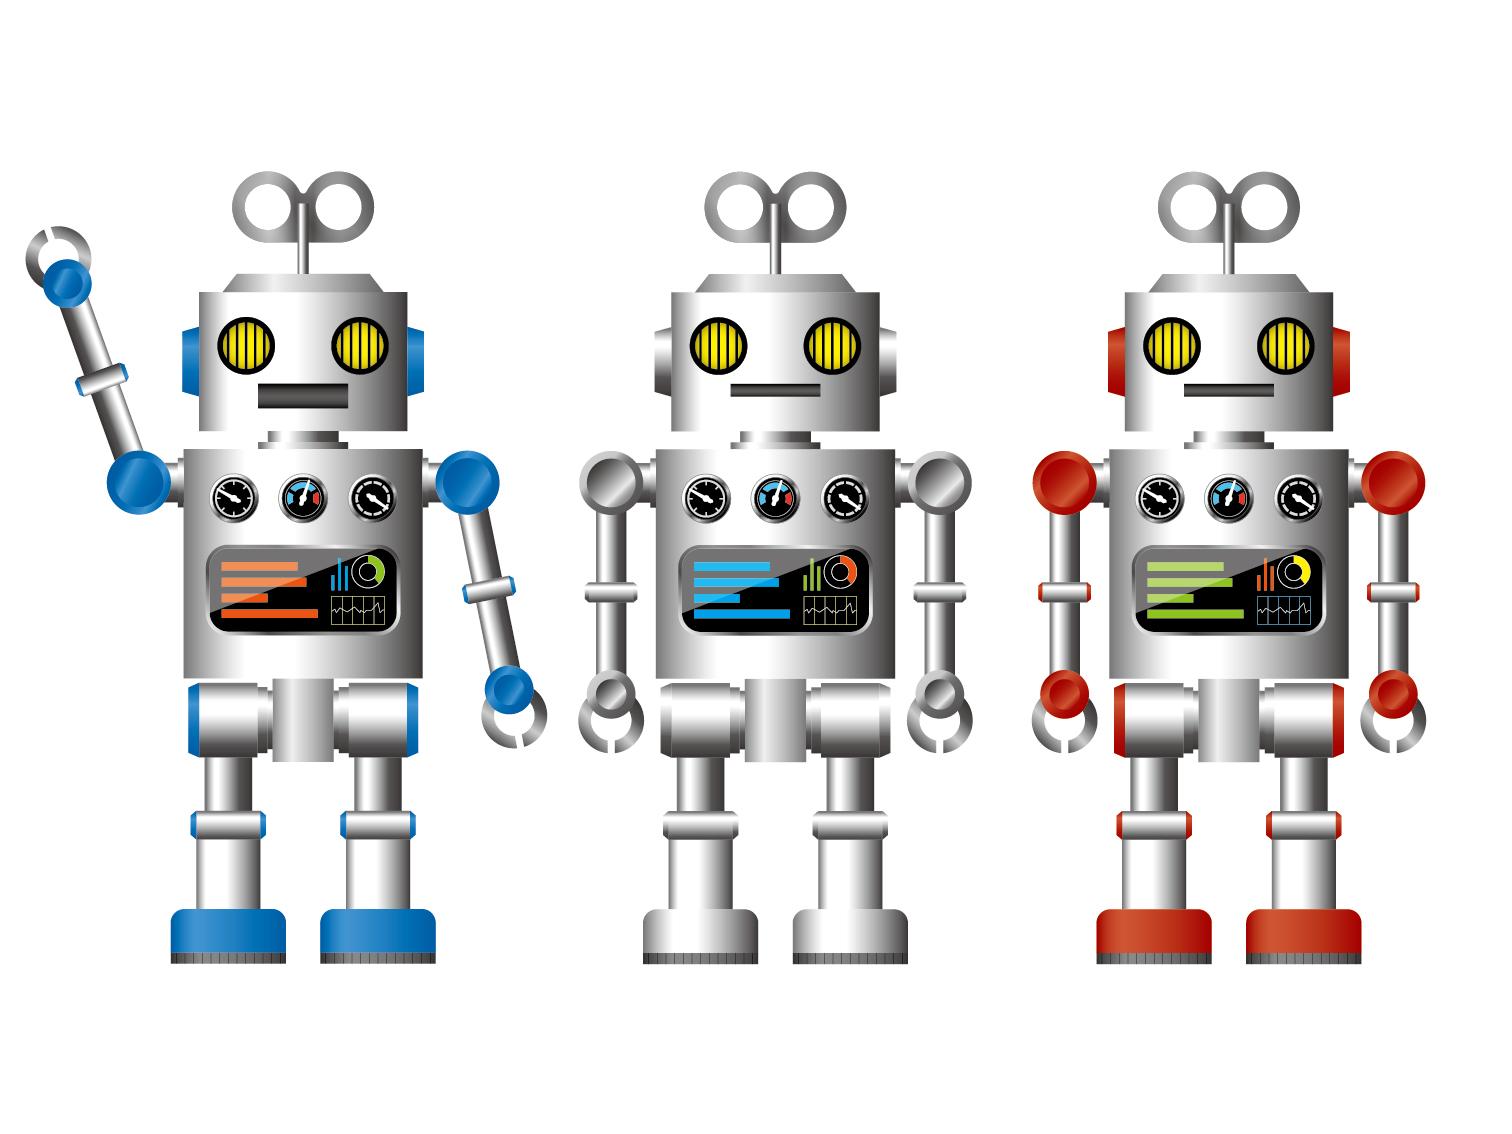 auの「INFOBAR」が超ロボット生命体「トランスフォーマー」に!